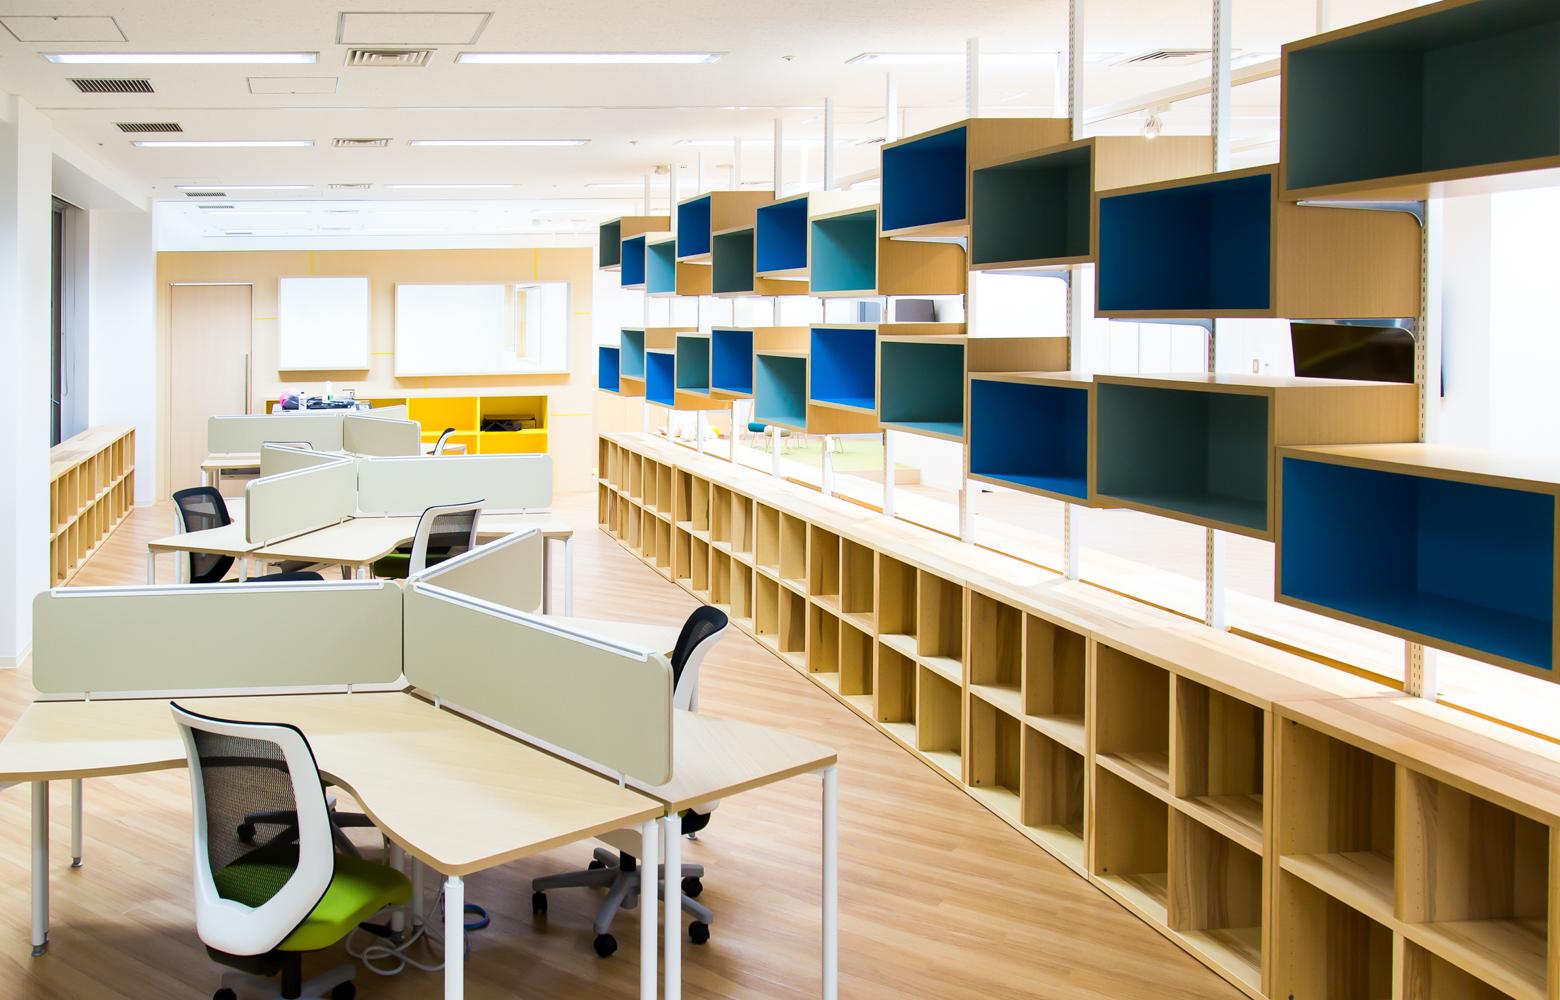 慶應義塾大学大学院メディアデザイン研究科 Work Space_2 デザイン・レイアウト事例